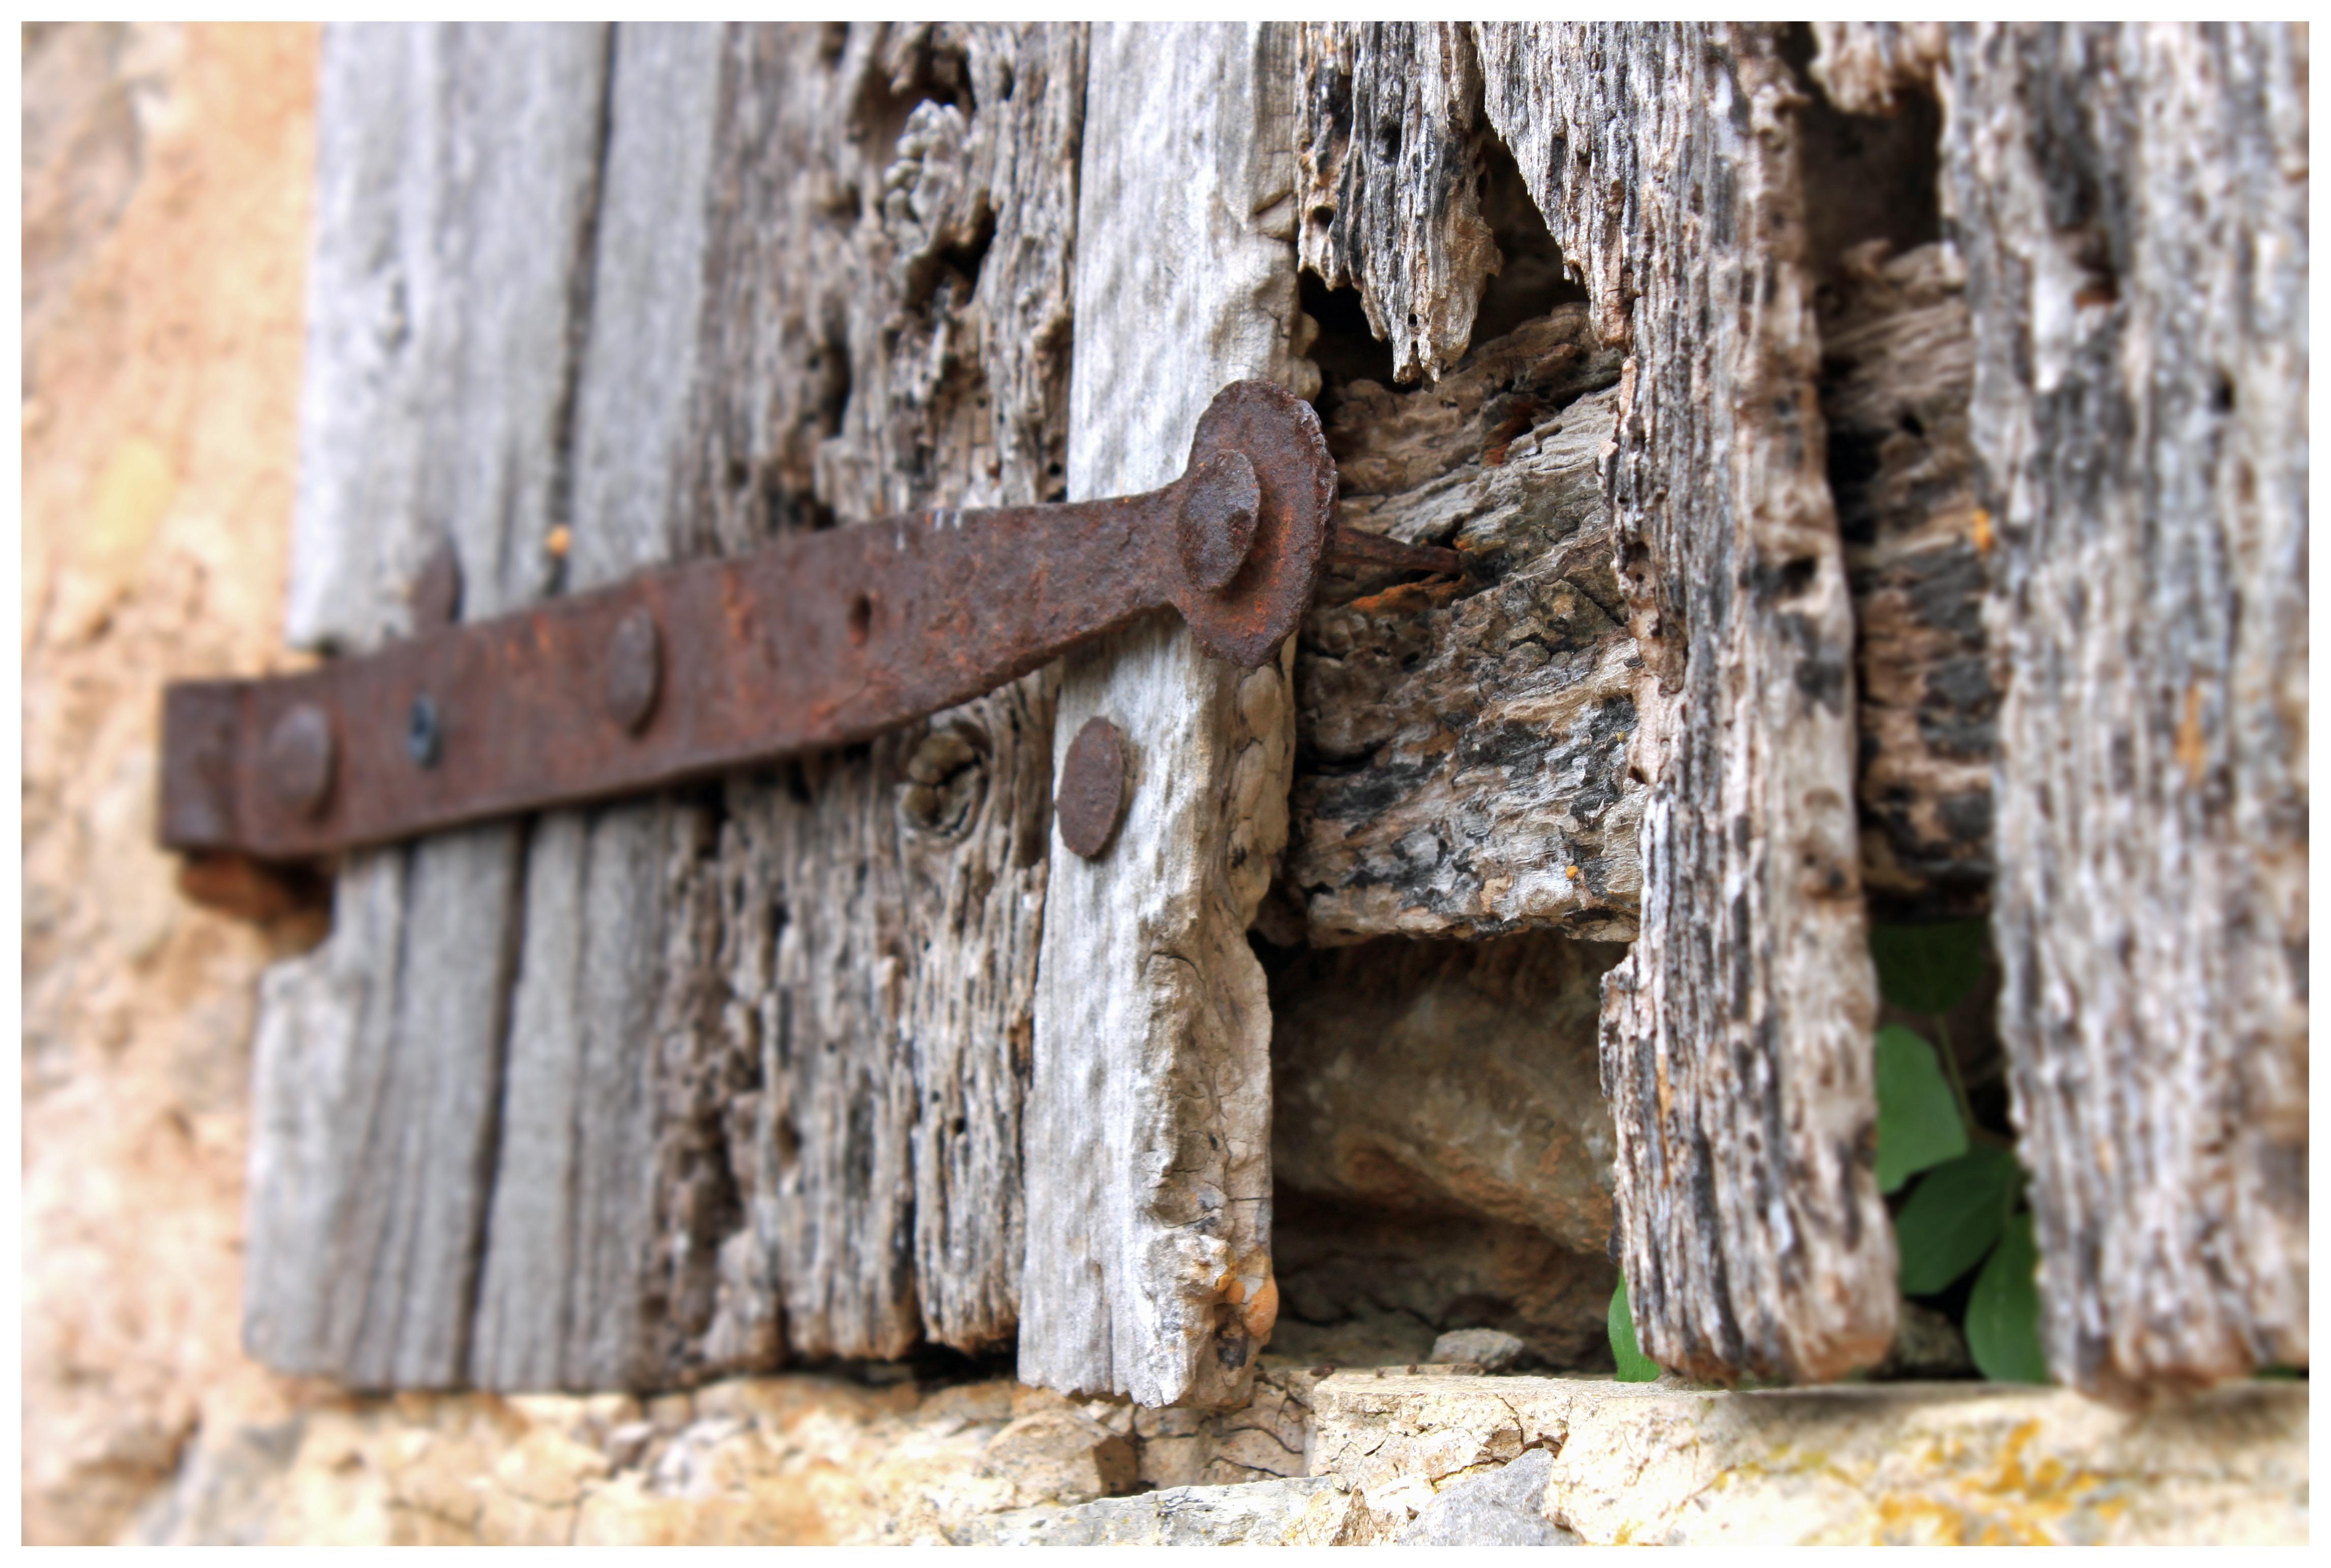 Images Gratuites : bois flotté, arbre, tronc, vieux, mur, métal ...